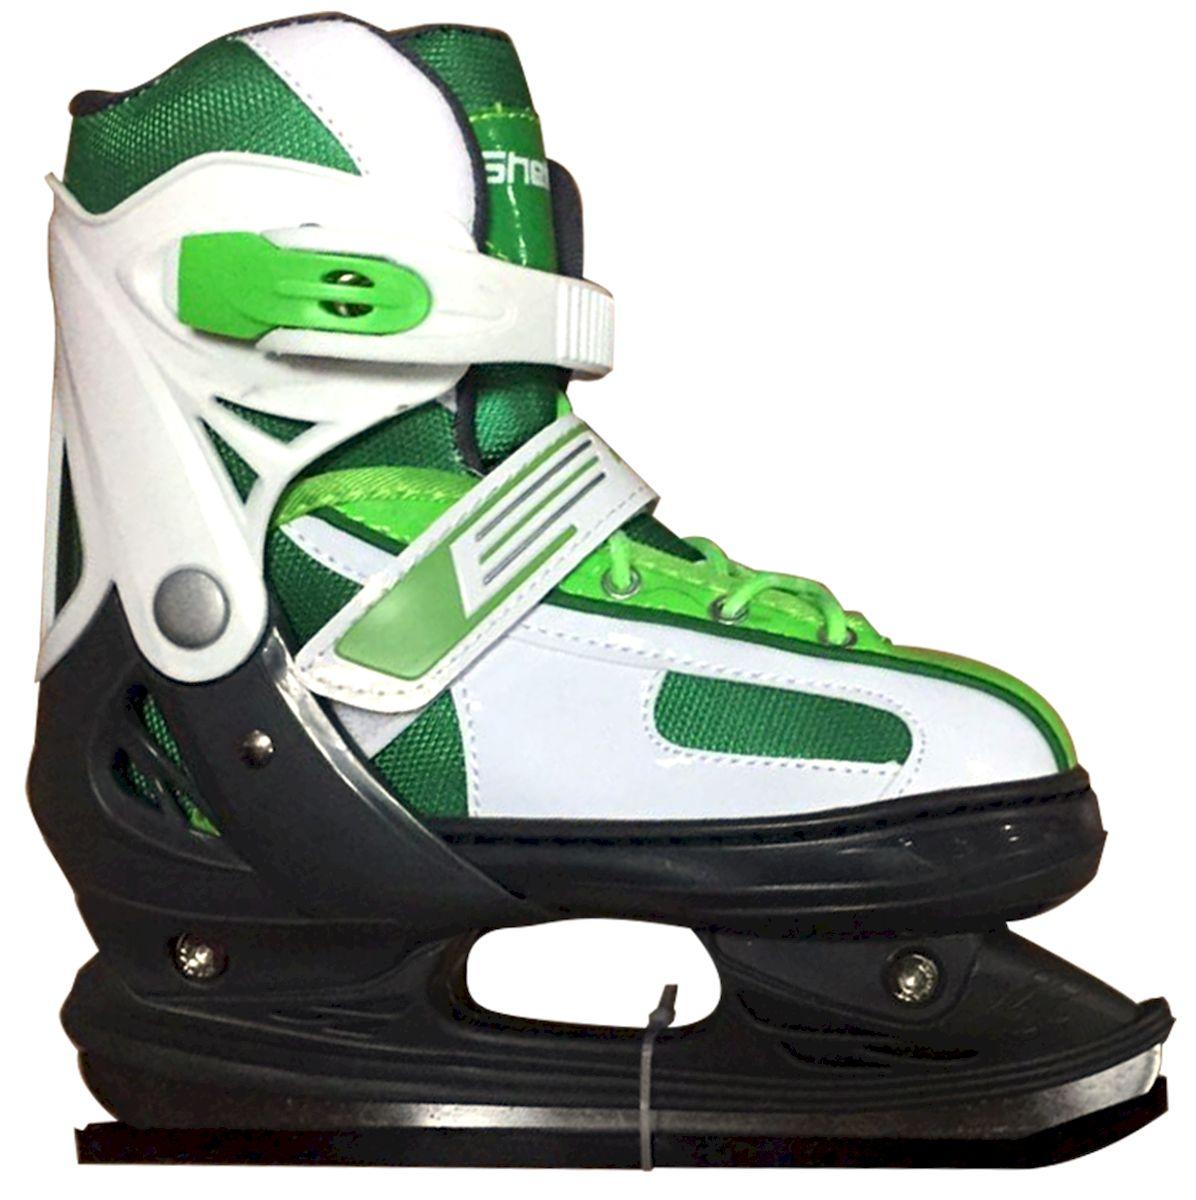 Коньки раздвижные Ice Blade Shelby, цвет: черный, зеленый, белый. УТ-00009127. Размер XS (26/29)УТ-00009127Коньки раздвижные Shelby - это классические раздвижные коньки от известного бренда Ice Blade, которые предназначены для детей и подростков, а также для тех, кто делает первые шаги в катании на льду. Коньки имеют яркий молодежный дизайн, теплый внутренний сапожок, удобная трехуровневая система фиксации ноги, легкая смена размера, надежная защита пятки и носка - все это бесспорные преимущества модели. Коньки поставляются с заводской заточкой лезвия, что позволяет сразу приступить к катанию и не тратить денег на заточку. Предназначены для использования на открытом и закрытом льду. Характеристики: Тип фиксации: клипса с фиксатором, липучка, шнурки Материал ботинка: морозостойкий пластик Внутренняя отделка: теплый текстильный материал Лезвие: выполнено из высокоуглеродистой стали с покрытием из никеля Упаковка: удобная сумка